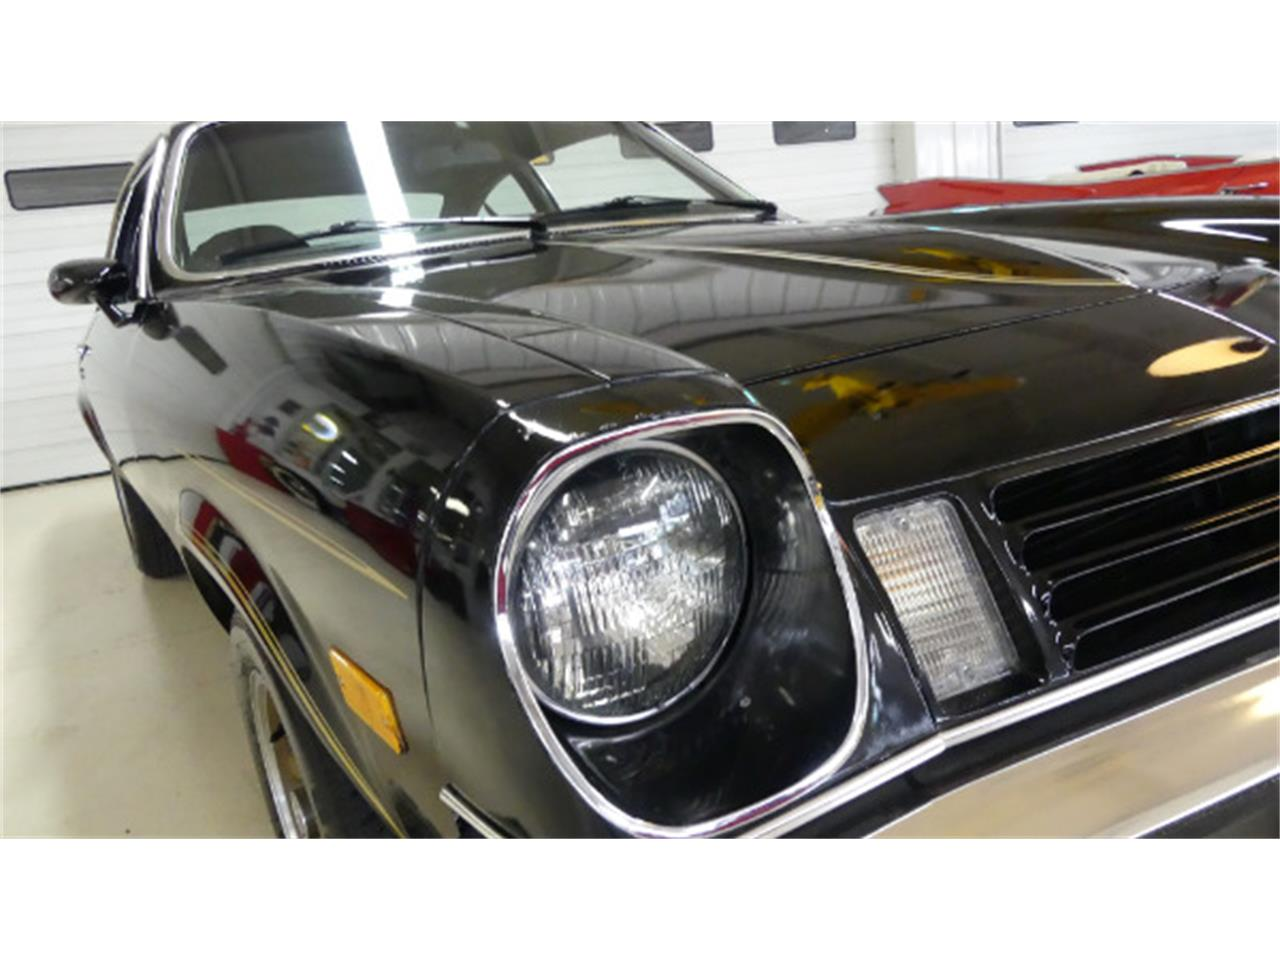 Large Picture of 1975 Vega located in Columbus Ohio - $15,995.00 - L2U8